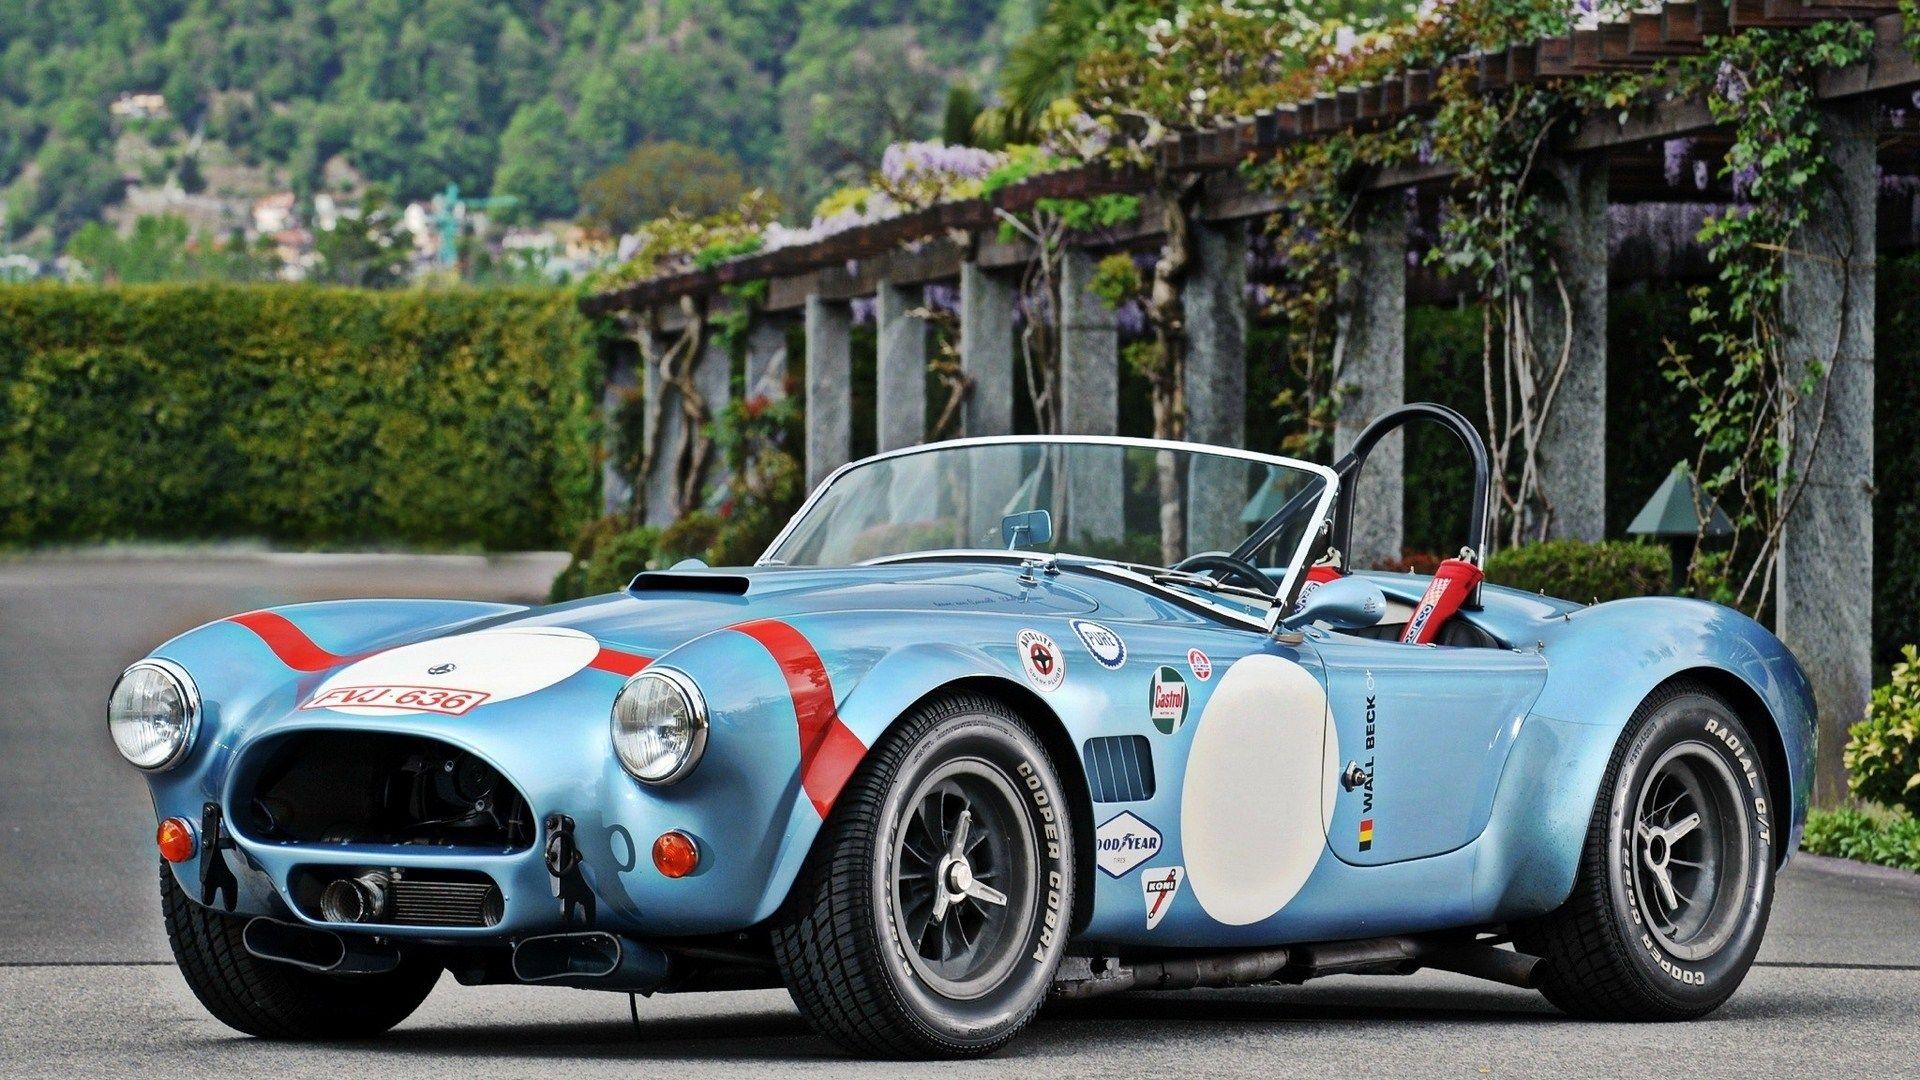 Shelby Cobra Racing Car Beautiful Cars Pinterest